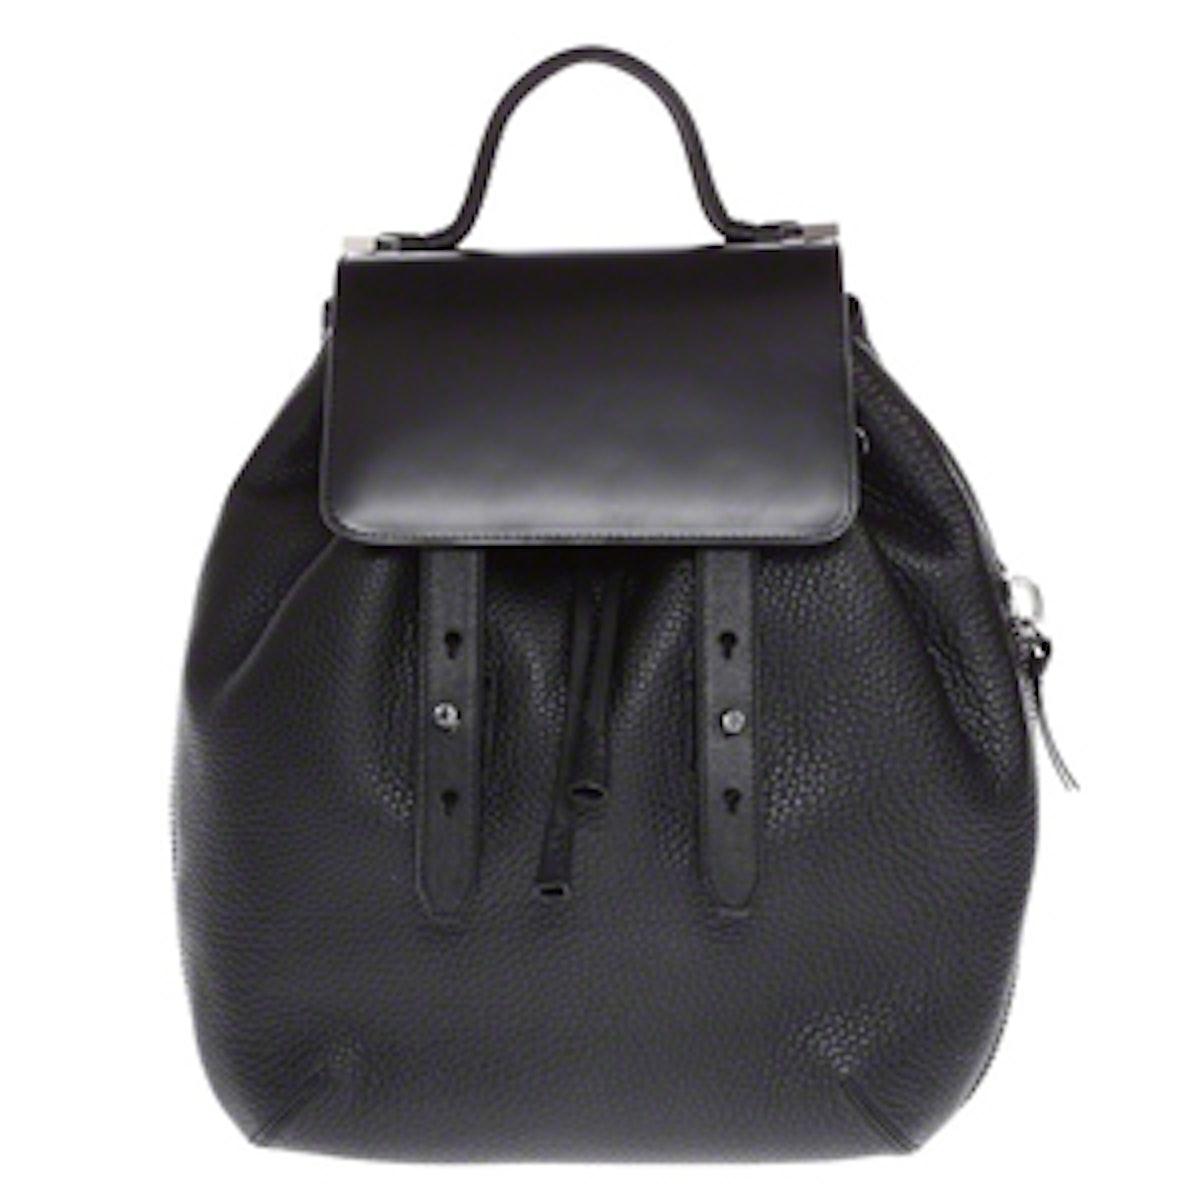 Blane Backpack